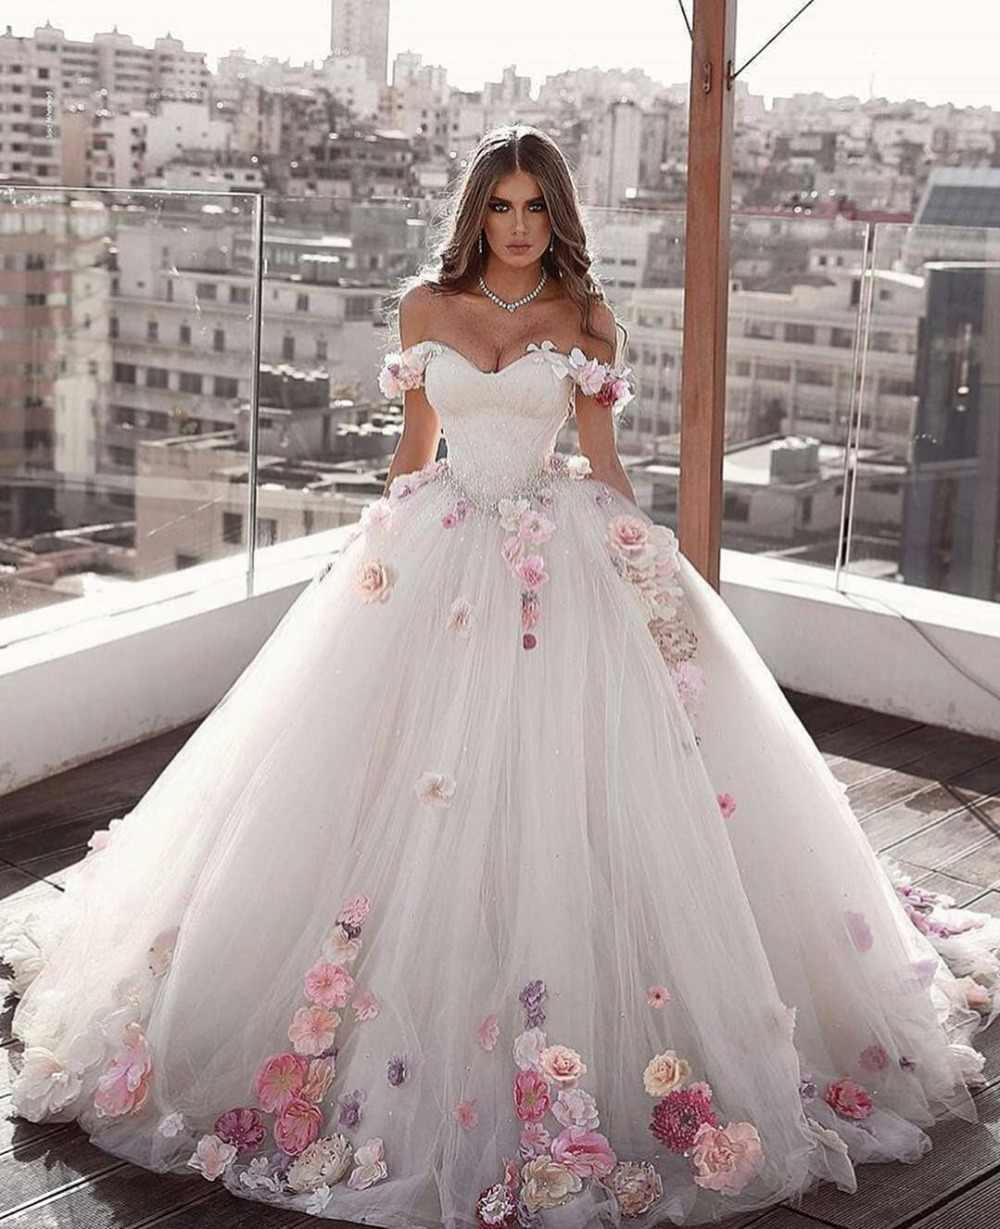 Księżniczka suknia balowa suknia ślubna Abaric dubaj Off the Shoulder Sweetheart 3D kwiaty Plus rozmiar Vestidos De Novia suknie ślubne